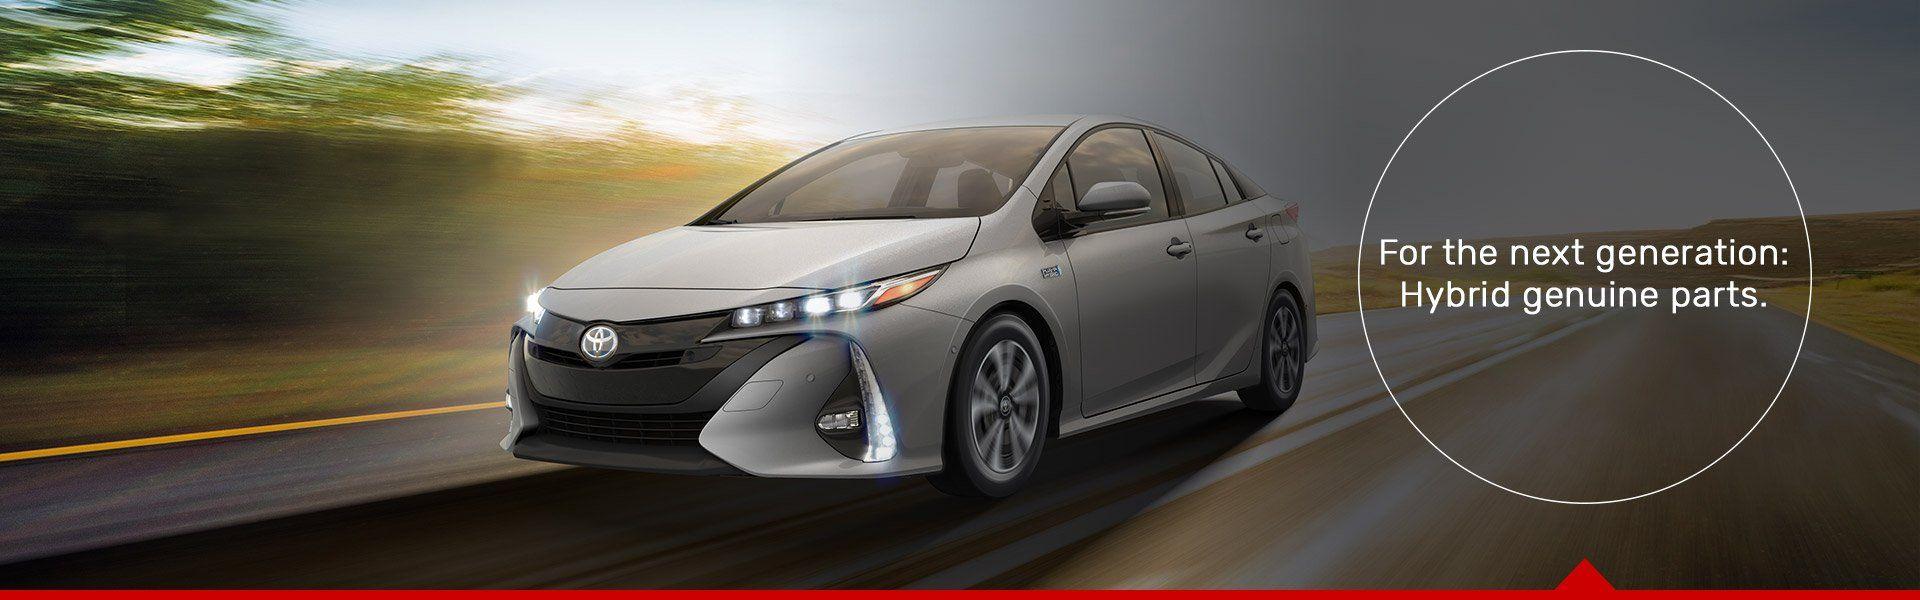 Toyota Hybrid Parts